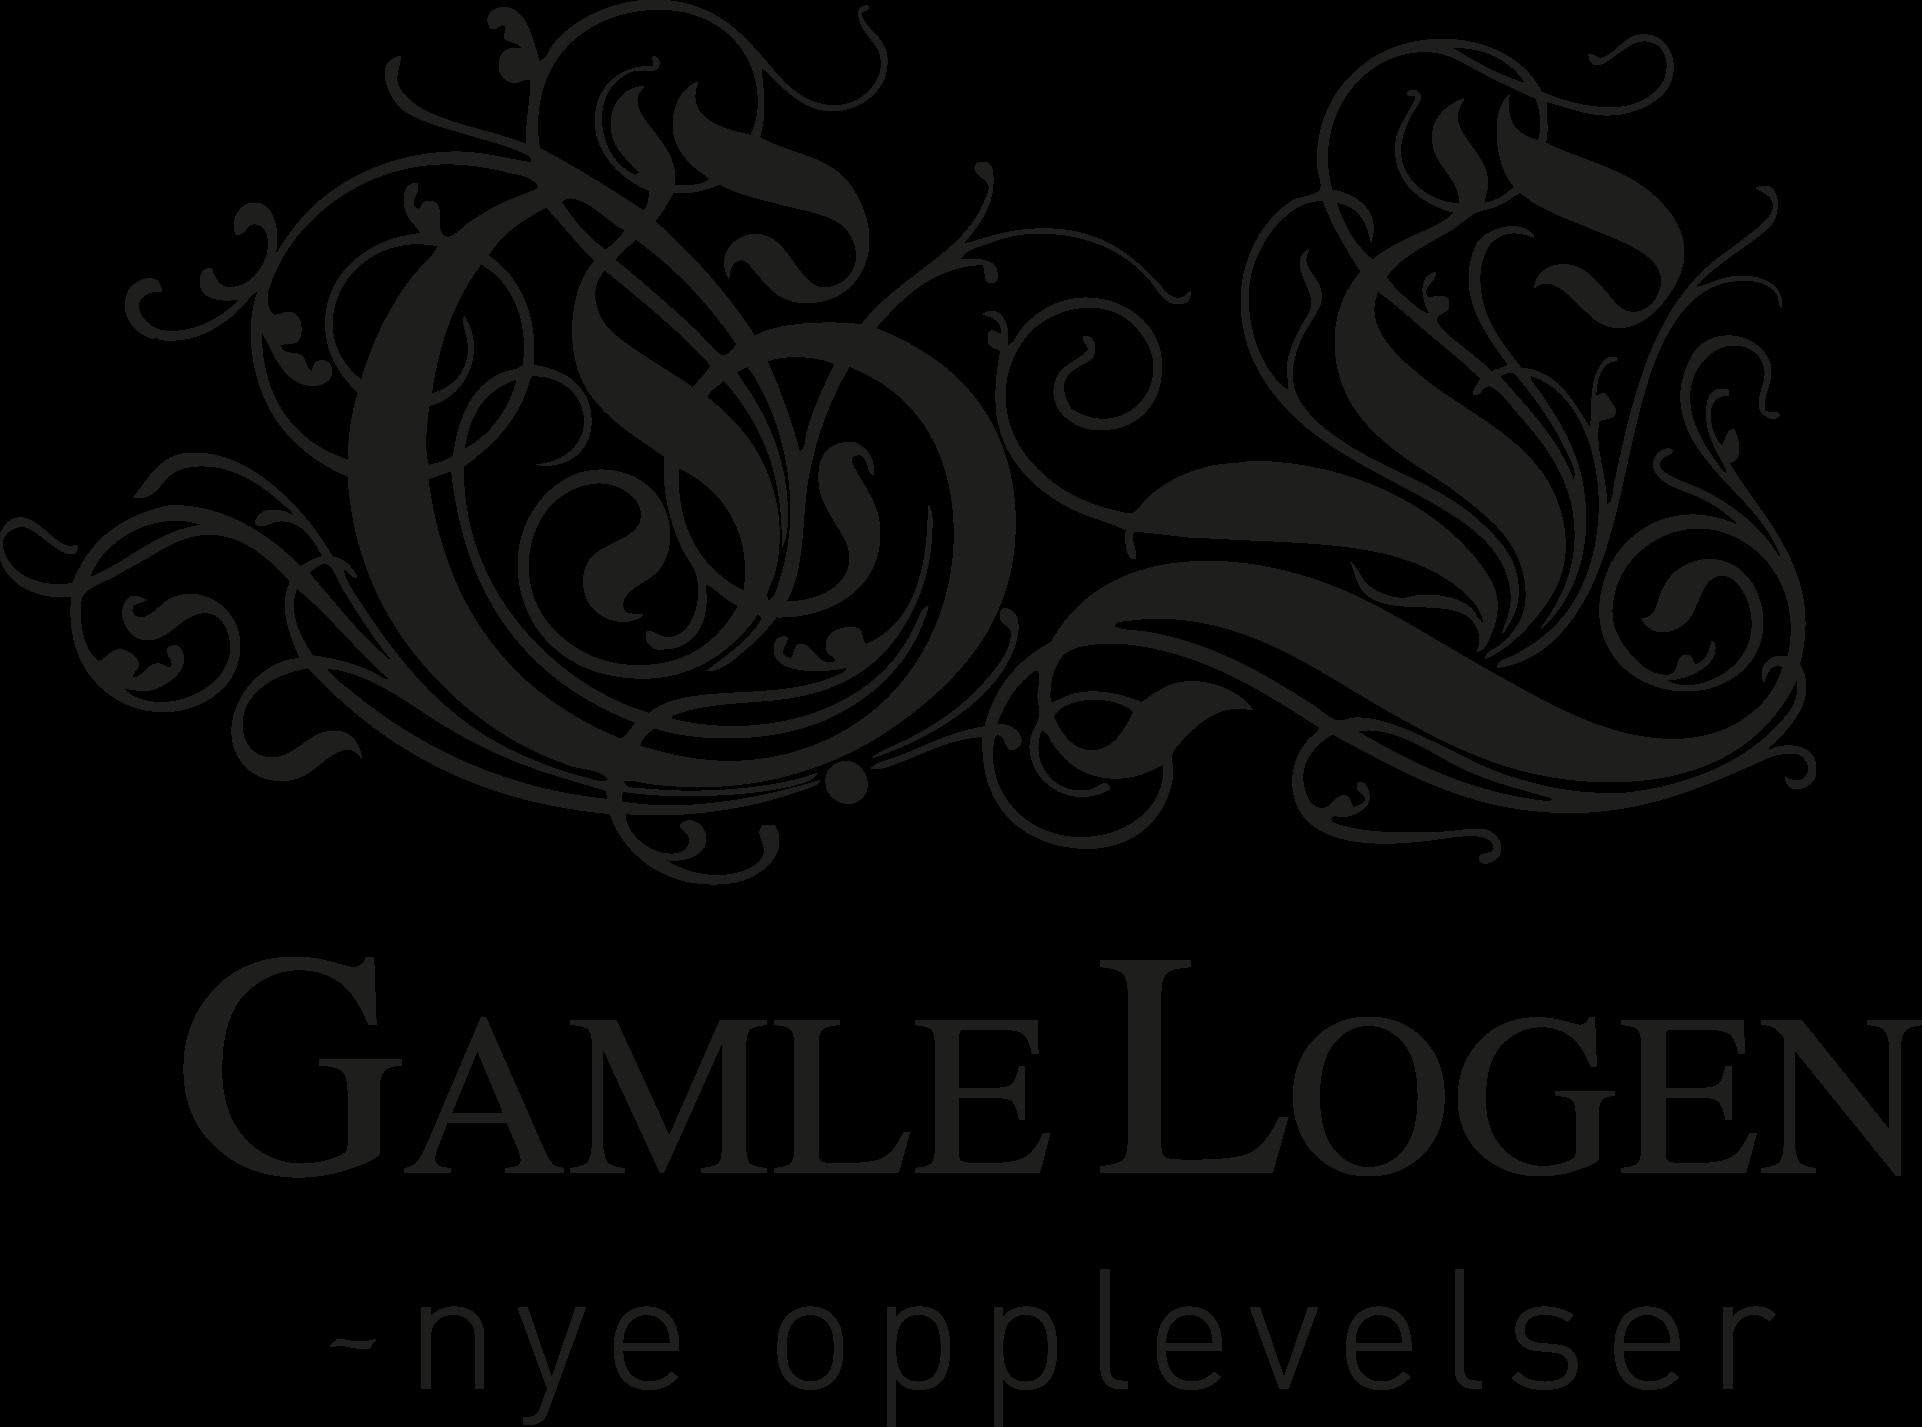 gamle-logen-logo-m-slogen